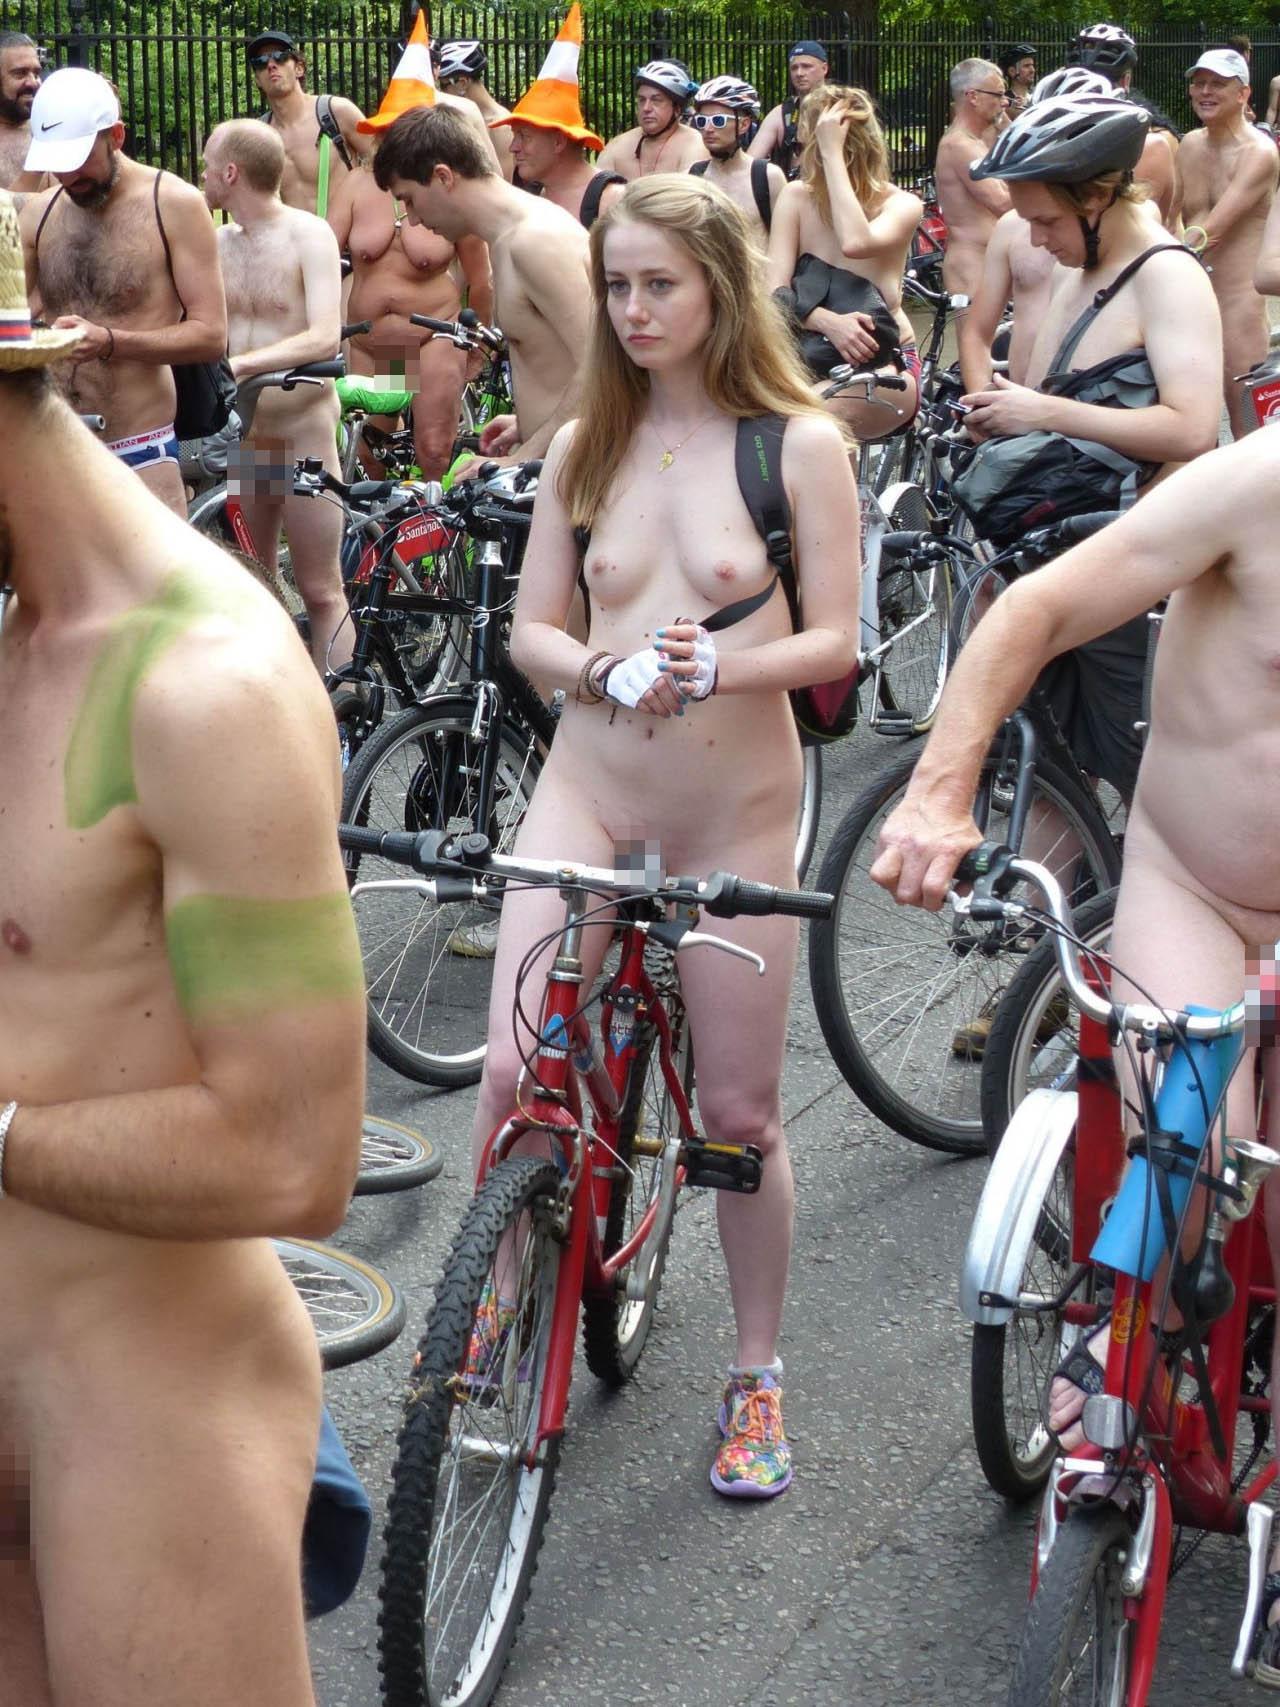 【海外エロ画像】皮被り多くて少しホッとした…メインは女体と忘れちゃならない全裸自転車大会(;´∀`)